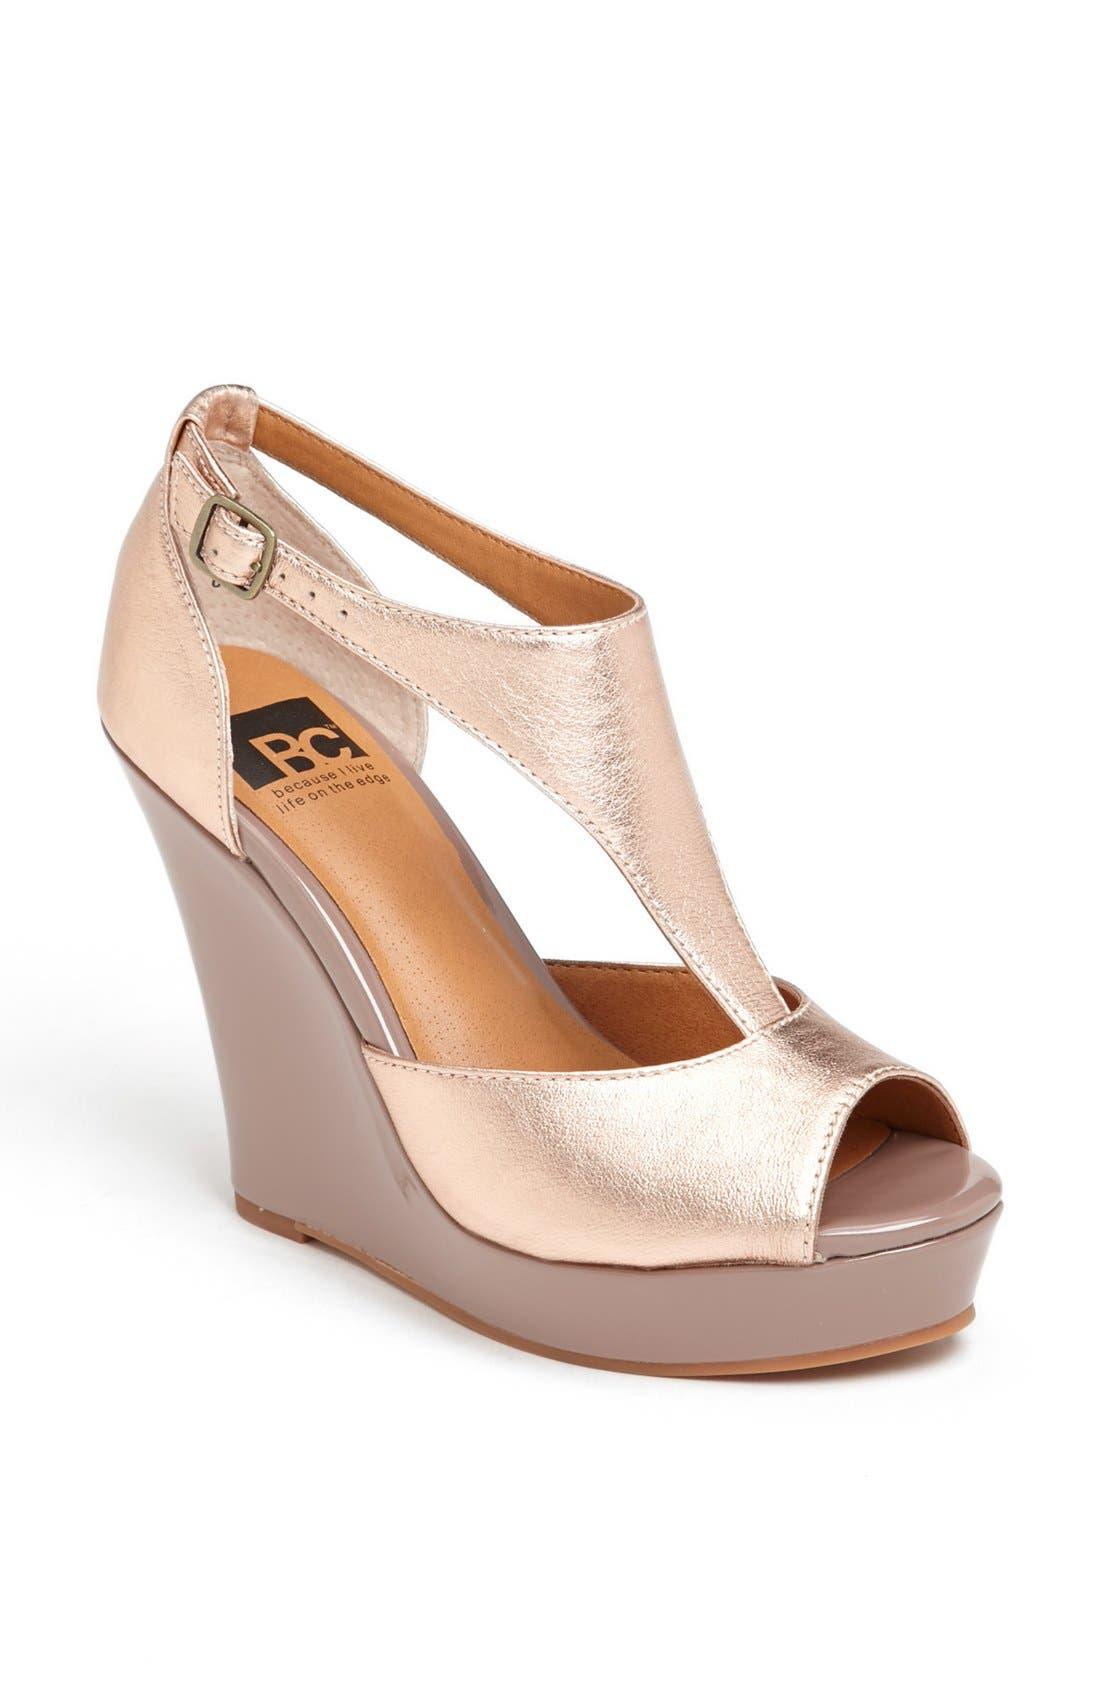 Main Image - BC Footwear 'Lickety Split' Wedge Sandal